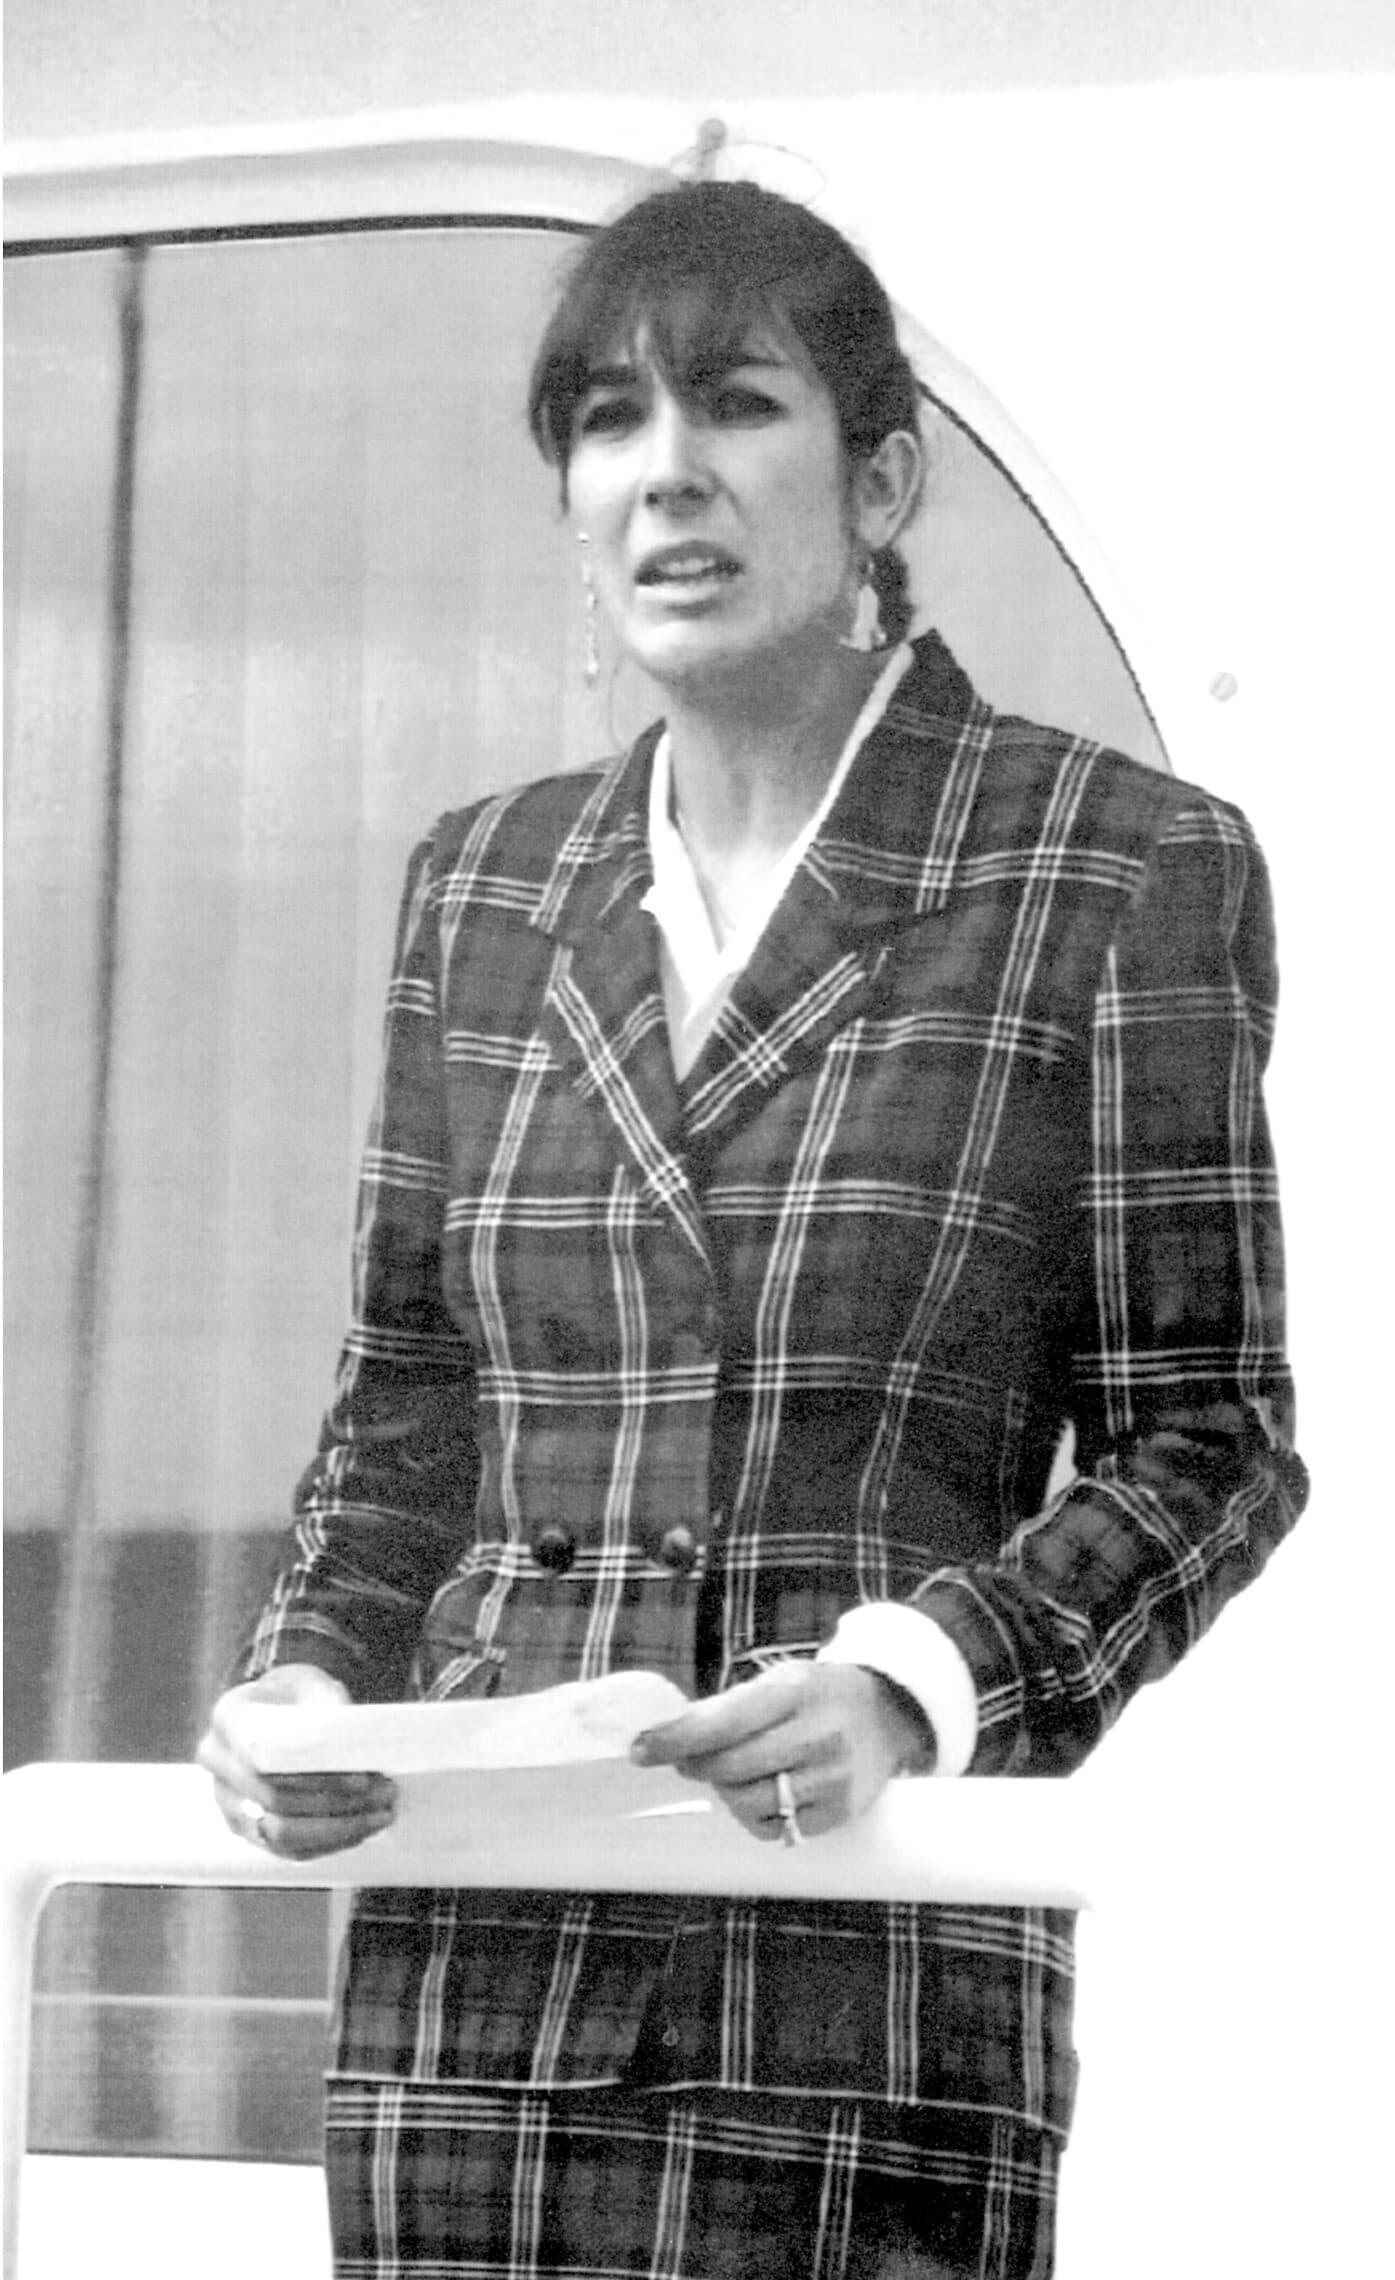 """גיליין מקסוול, בת הזקונים של רוברט מקסוול, מקריאה הודעה בספרדית אחרי מותו, על ירכתי היאכטה """"ליידי גיליין"""", 7 בנובמבר 1991 (צילום: AP Photo/Dominique MollardAP Photo/Dominique Mollard)"""